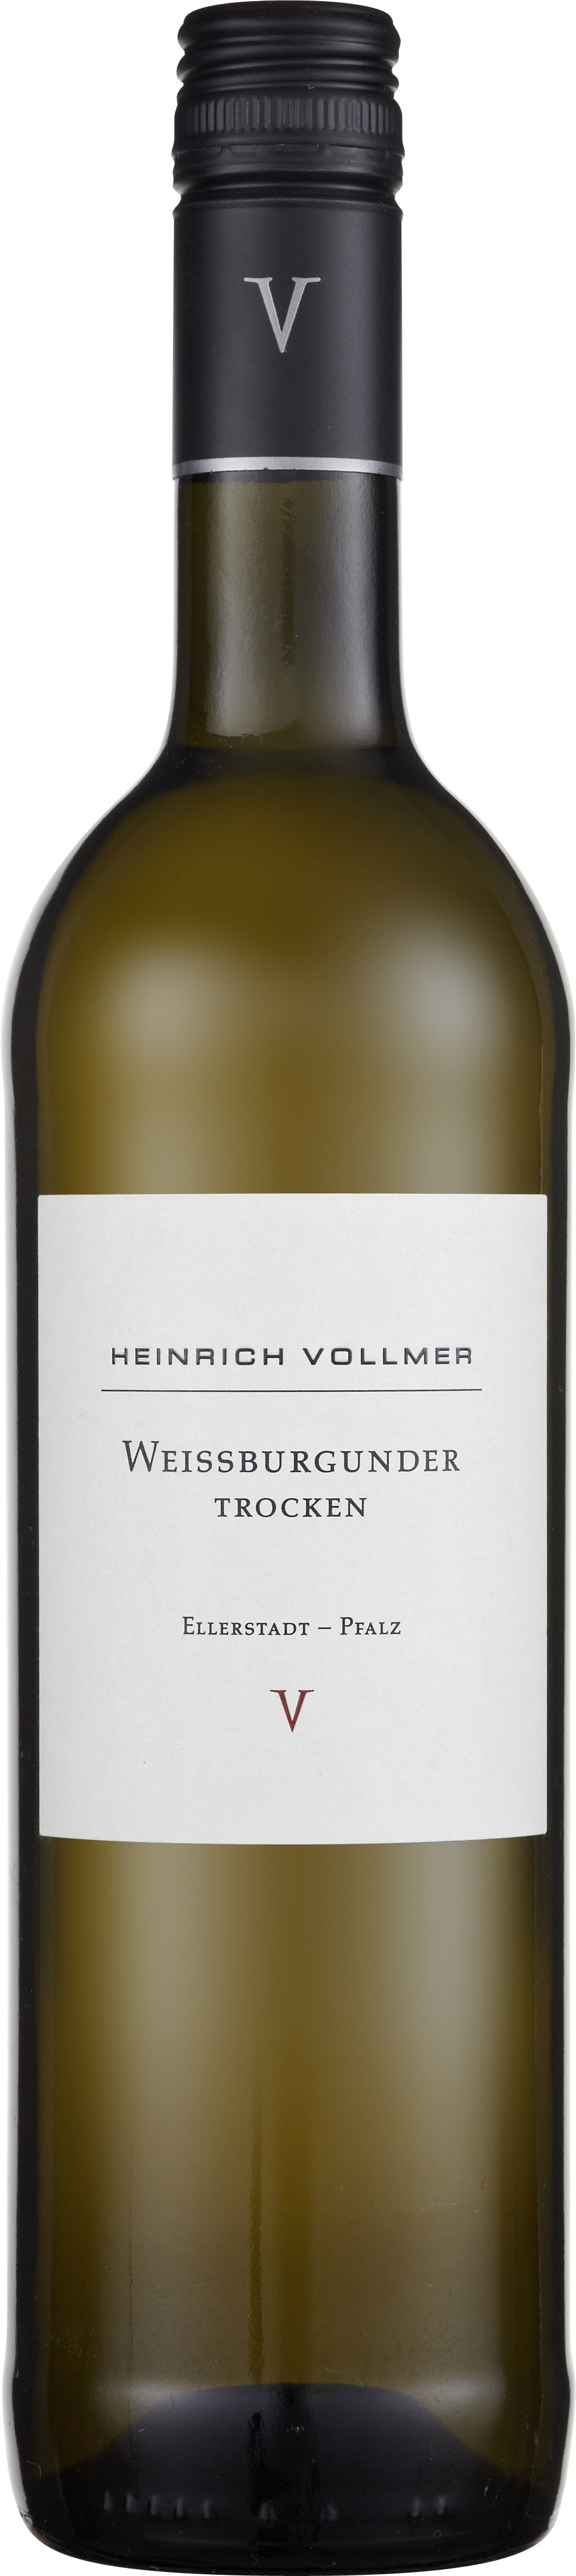 Heinrich Vollmer Weissburgunder trocken 0,75L